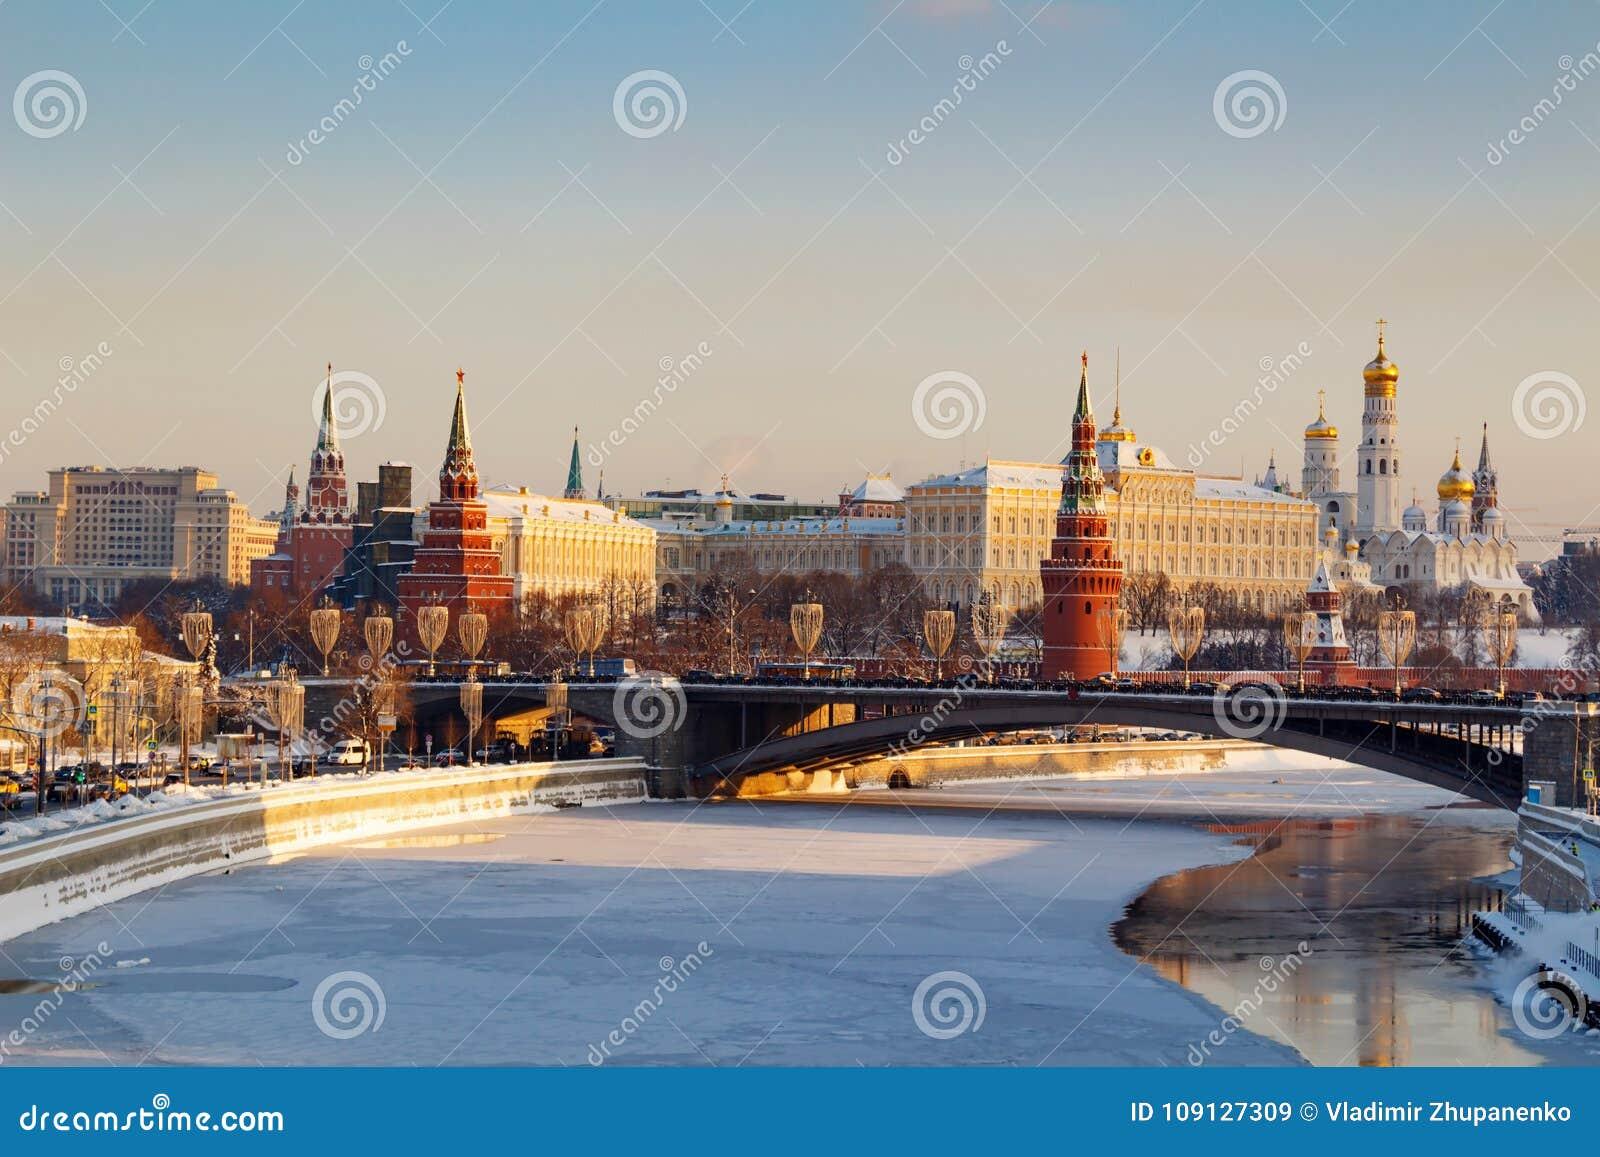 Moskou, Rusland - Februari 01, 2018: Moskou het Kremlin op een zonnige de winterochtend De winter van Moskou